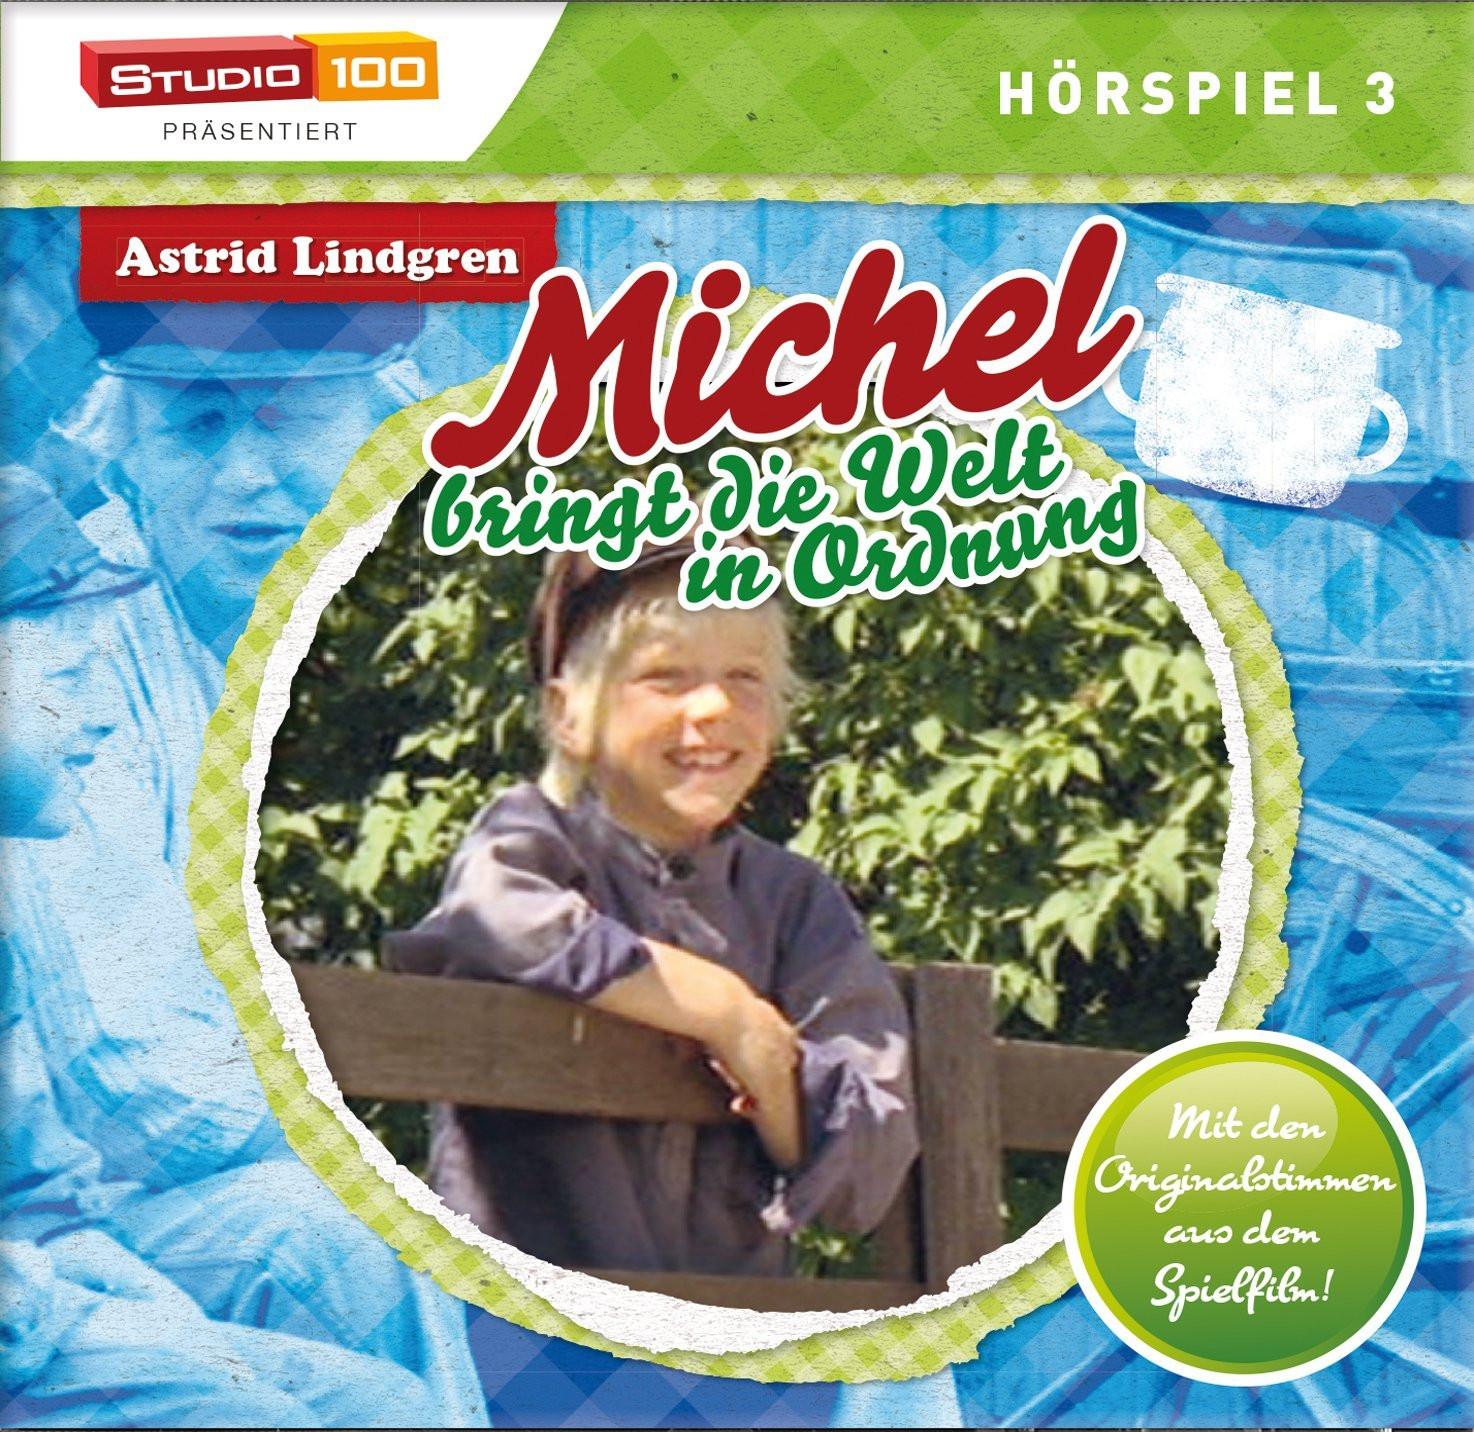 Michel Bringt die Welt in Ordnung - Hörspiel 3